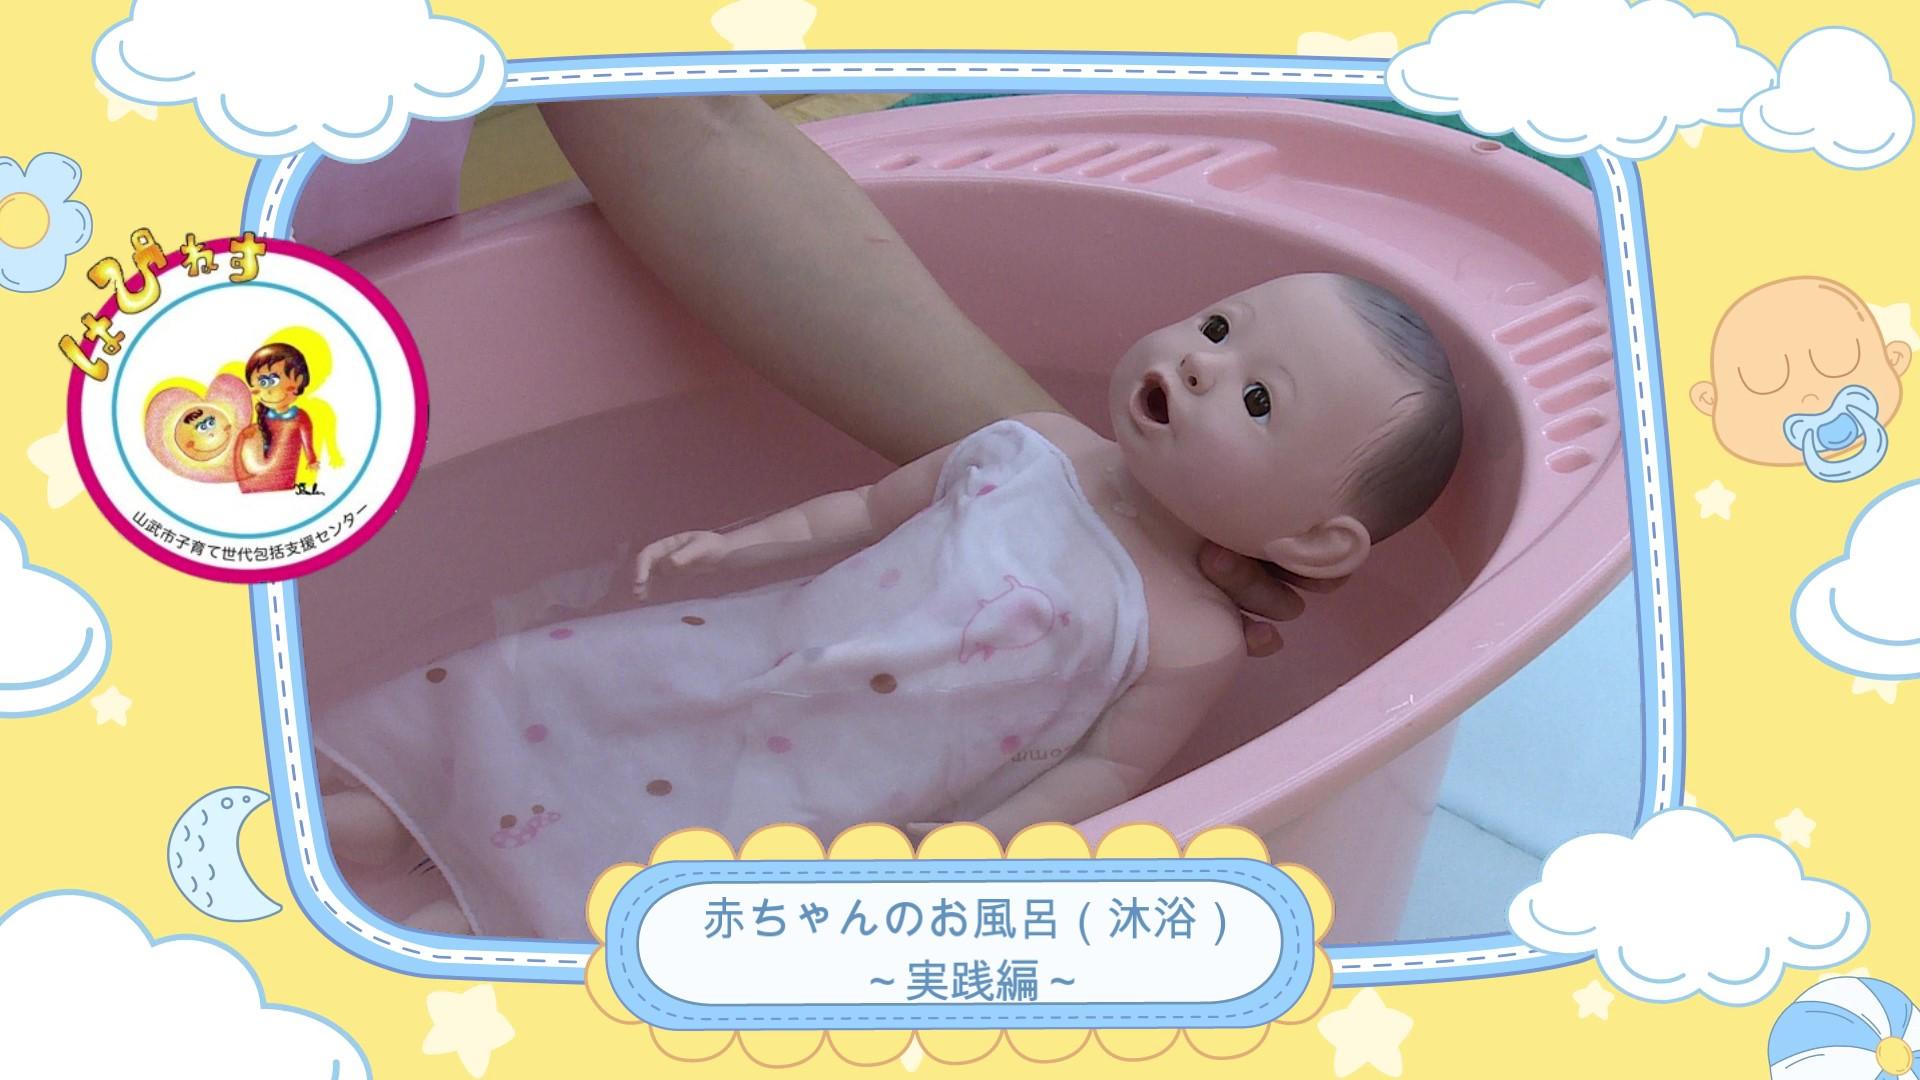 サムネイル画像「赤ちゃんのお風呂(沐浴)~実践編~」